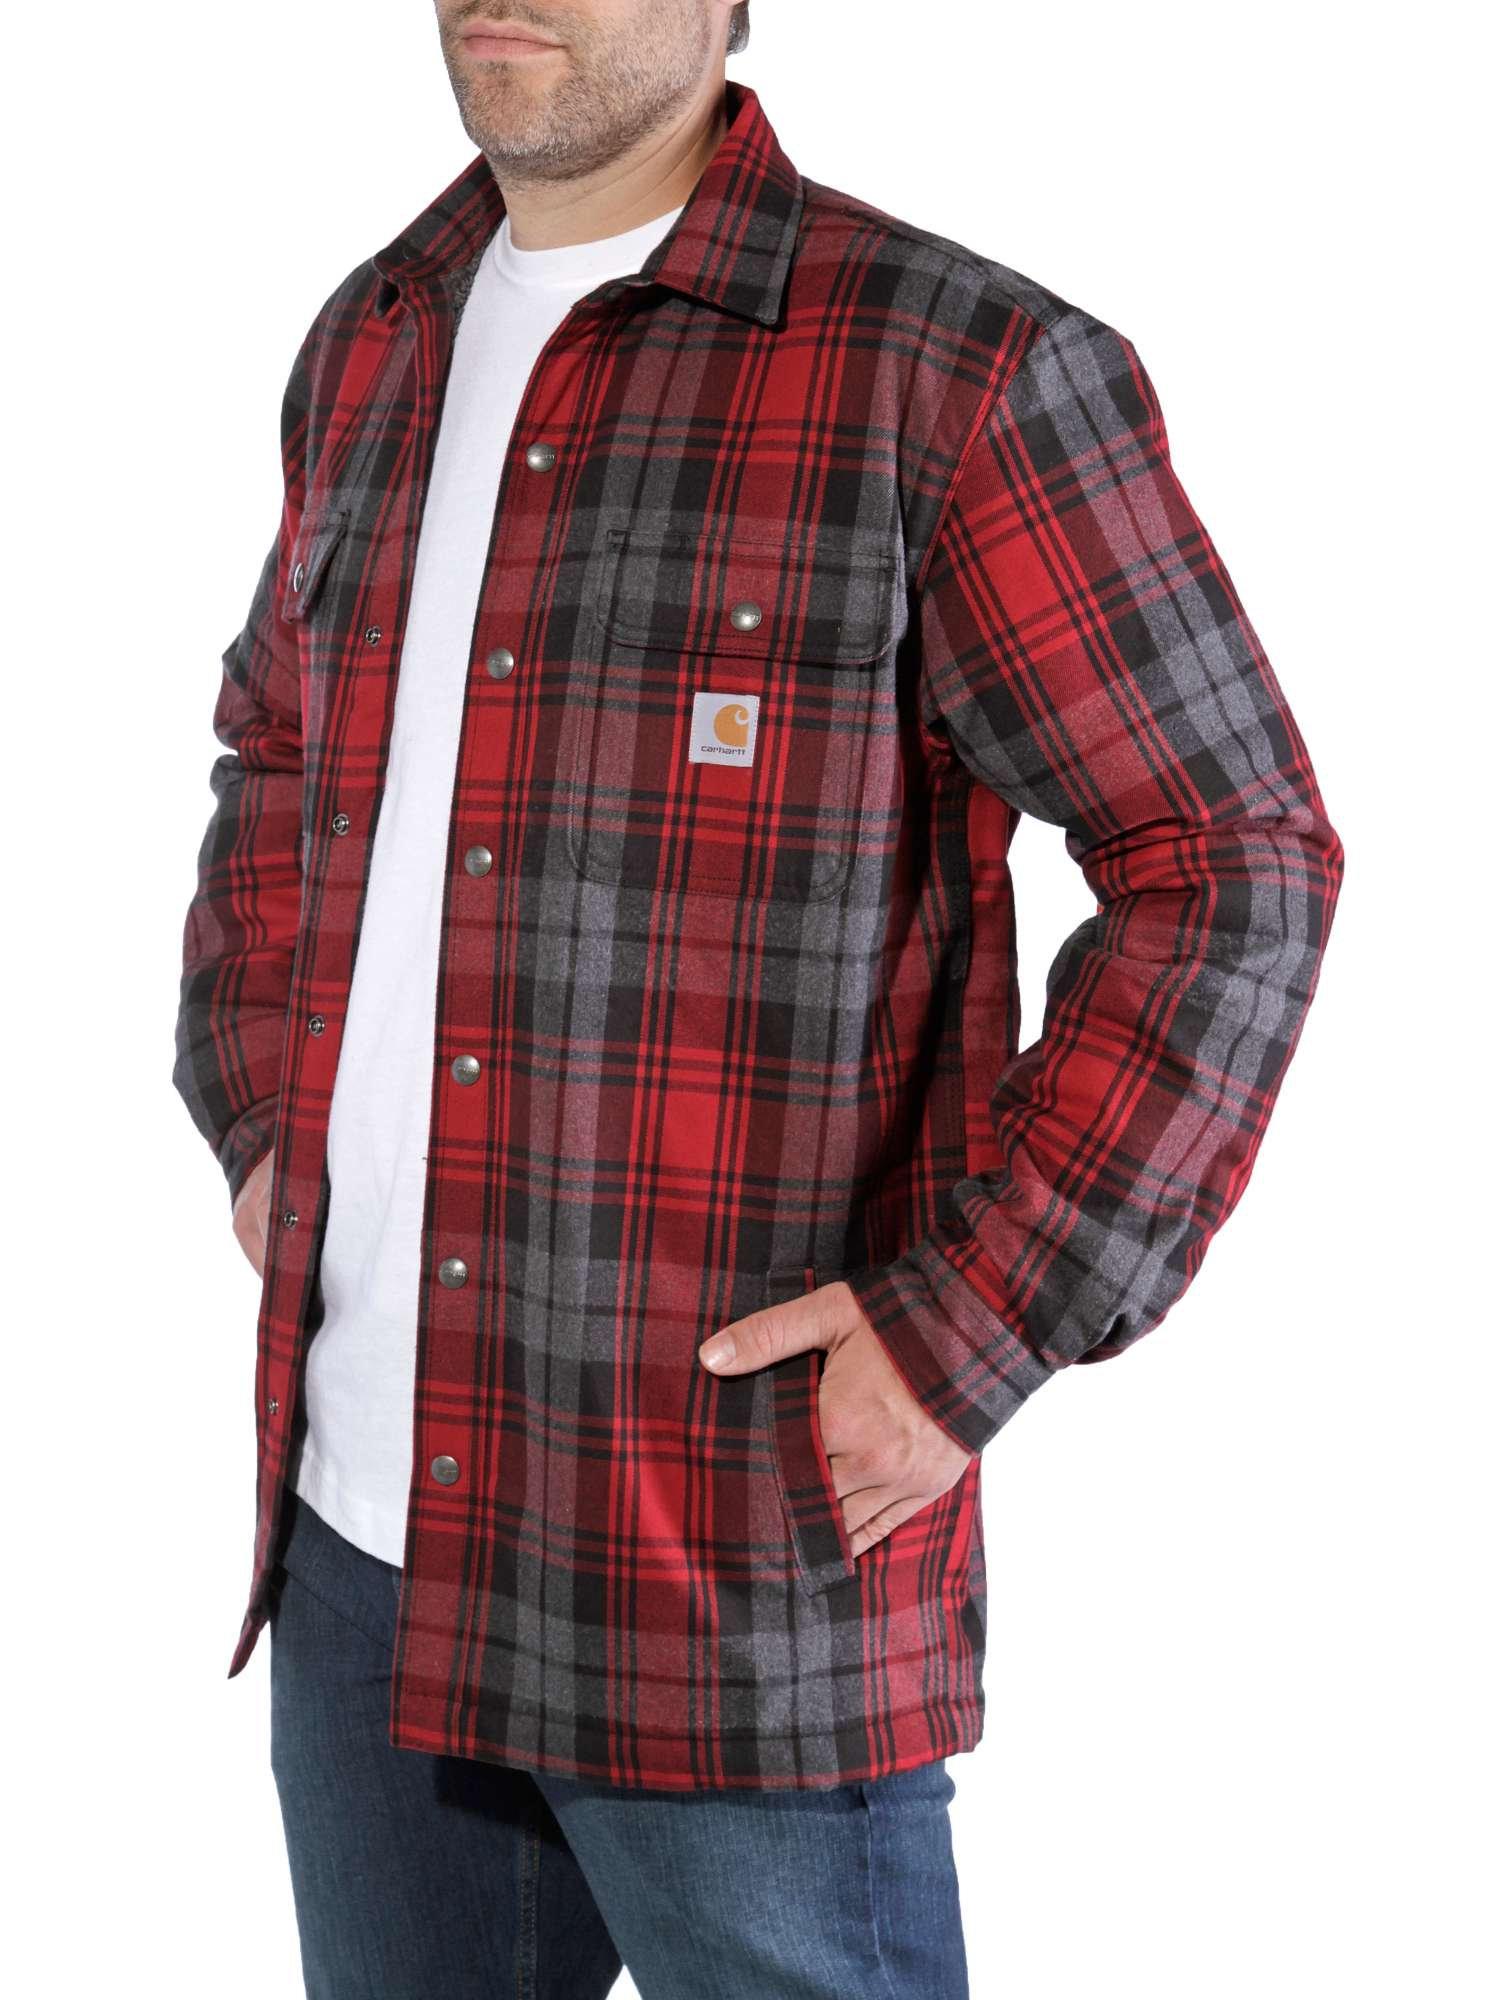 wspaniały wygląd klasyczne style różne wzornictwo Carhartt Hubbard Sherpa Lined Shirt Jacket